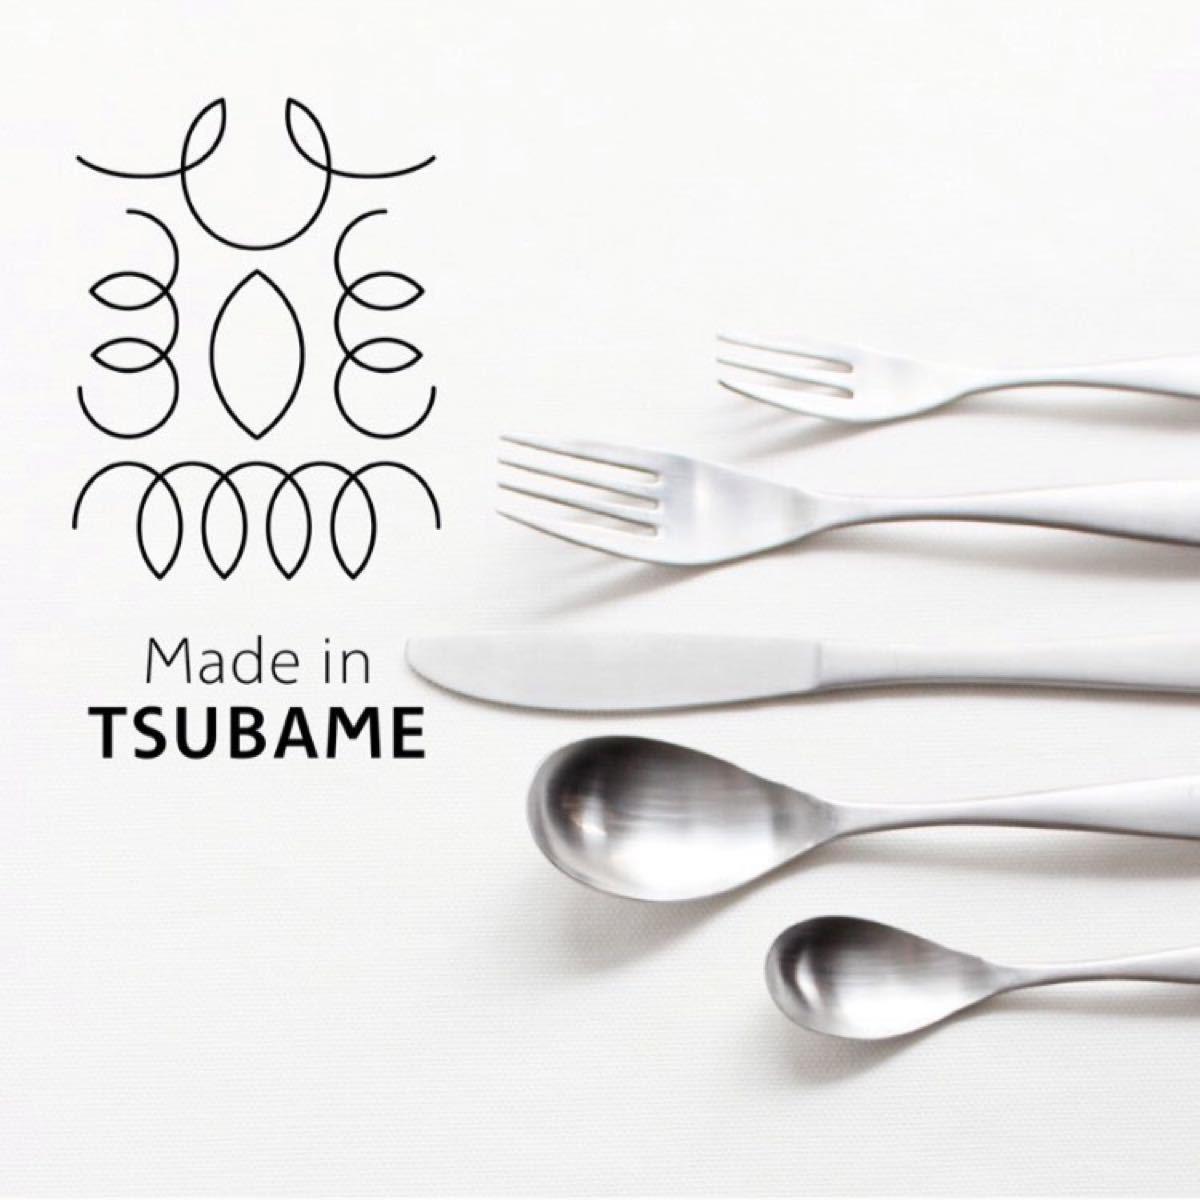 ツバメカトラリー 25本セット フォーク大小&ナイフ&スプーン大小 新品未使用 made in tsubame 燕